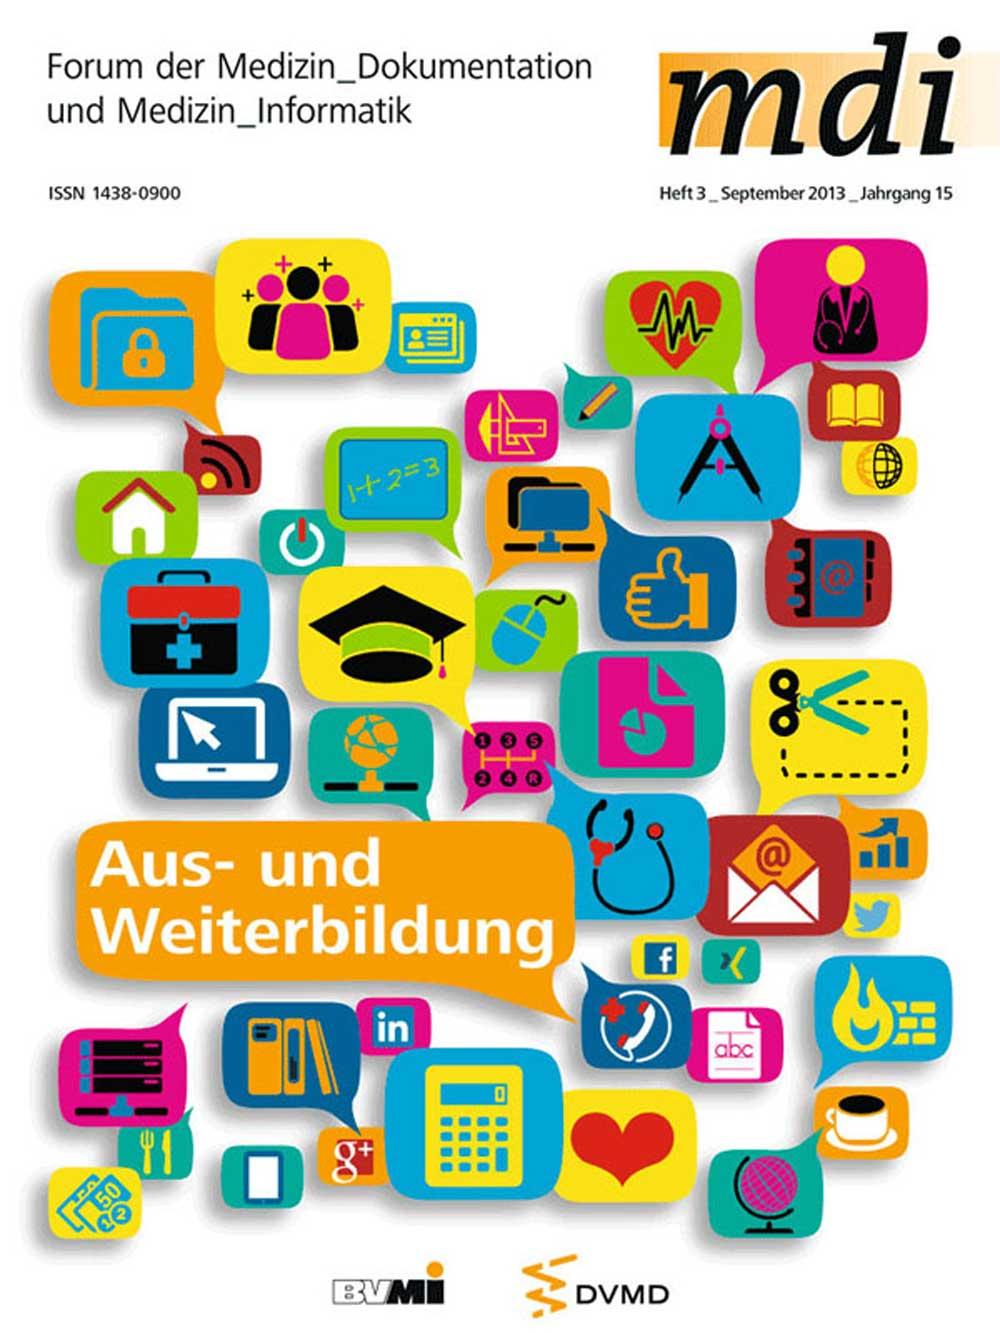 Zeitschrift für Forum der Medizin_Dokumentation und Medizin_Informatik